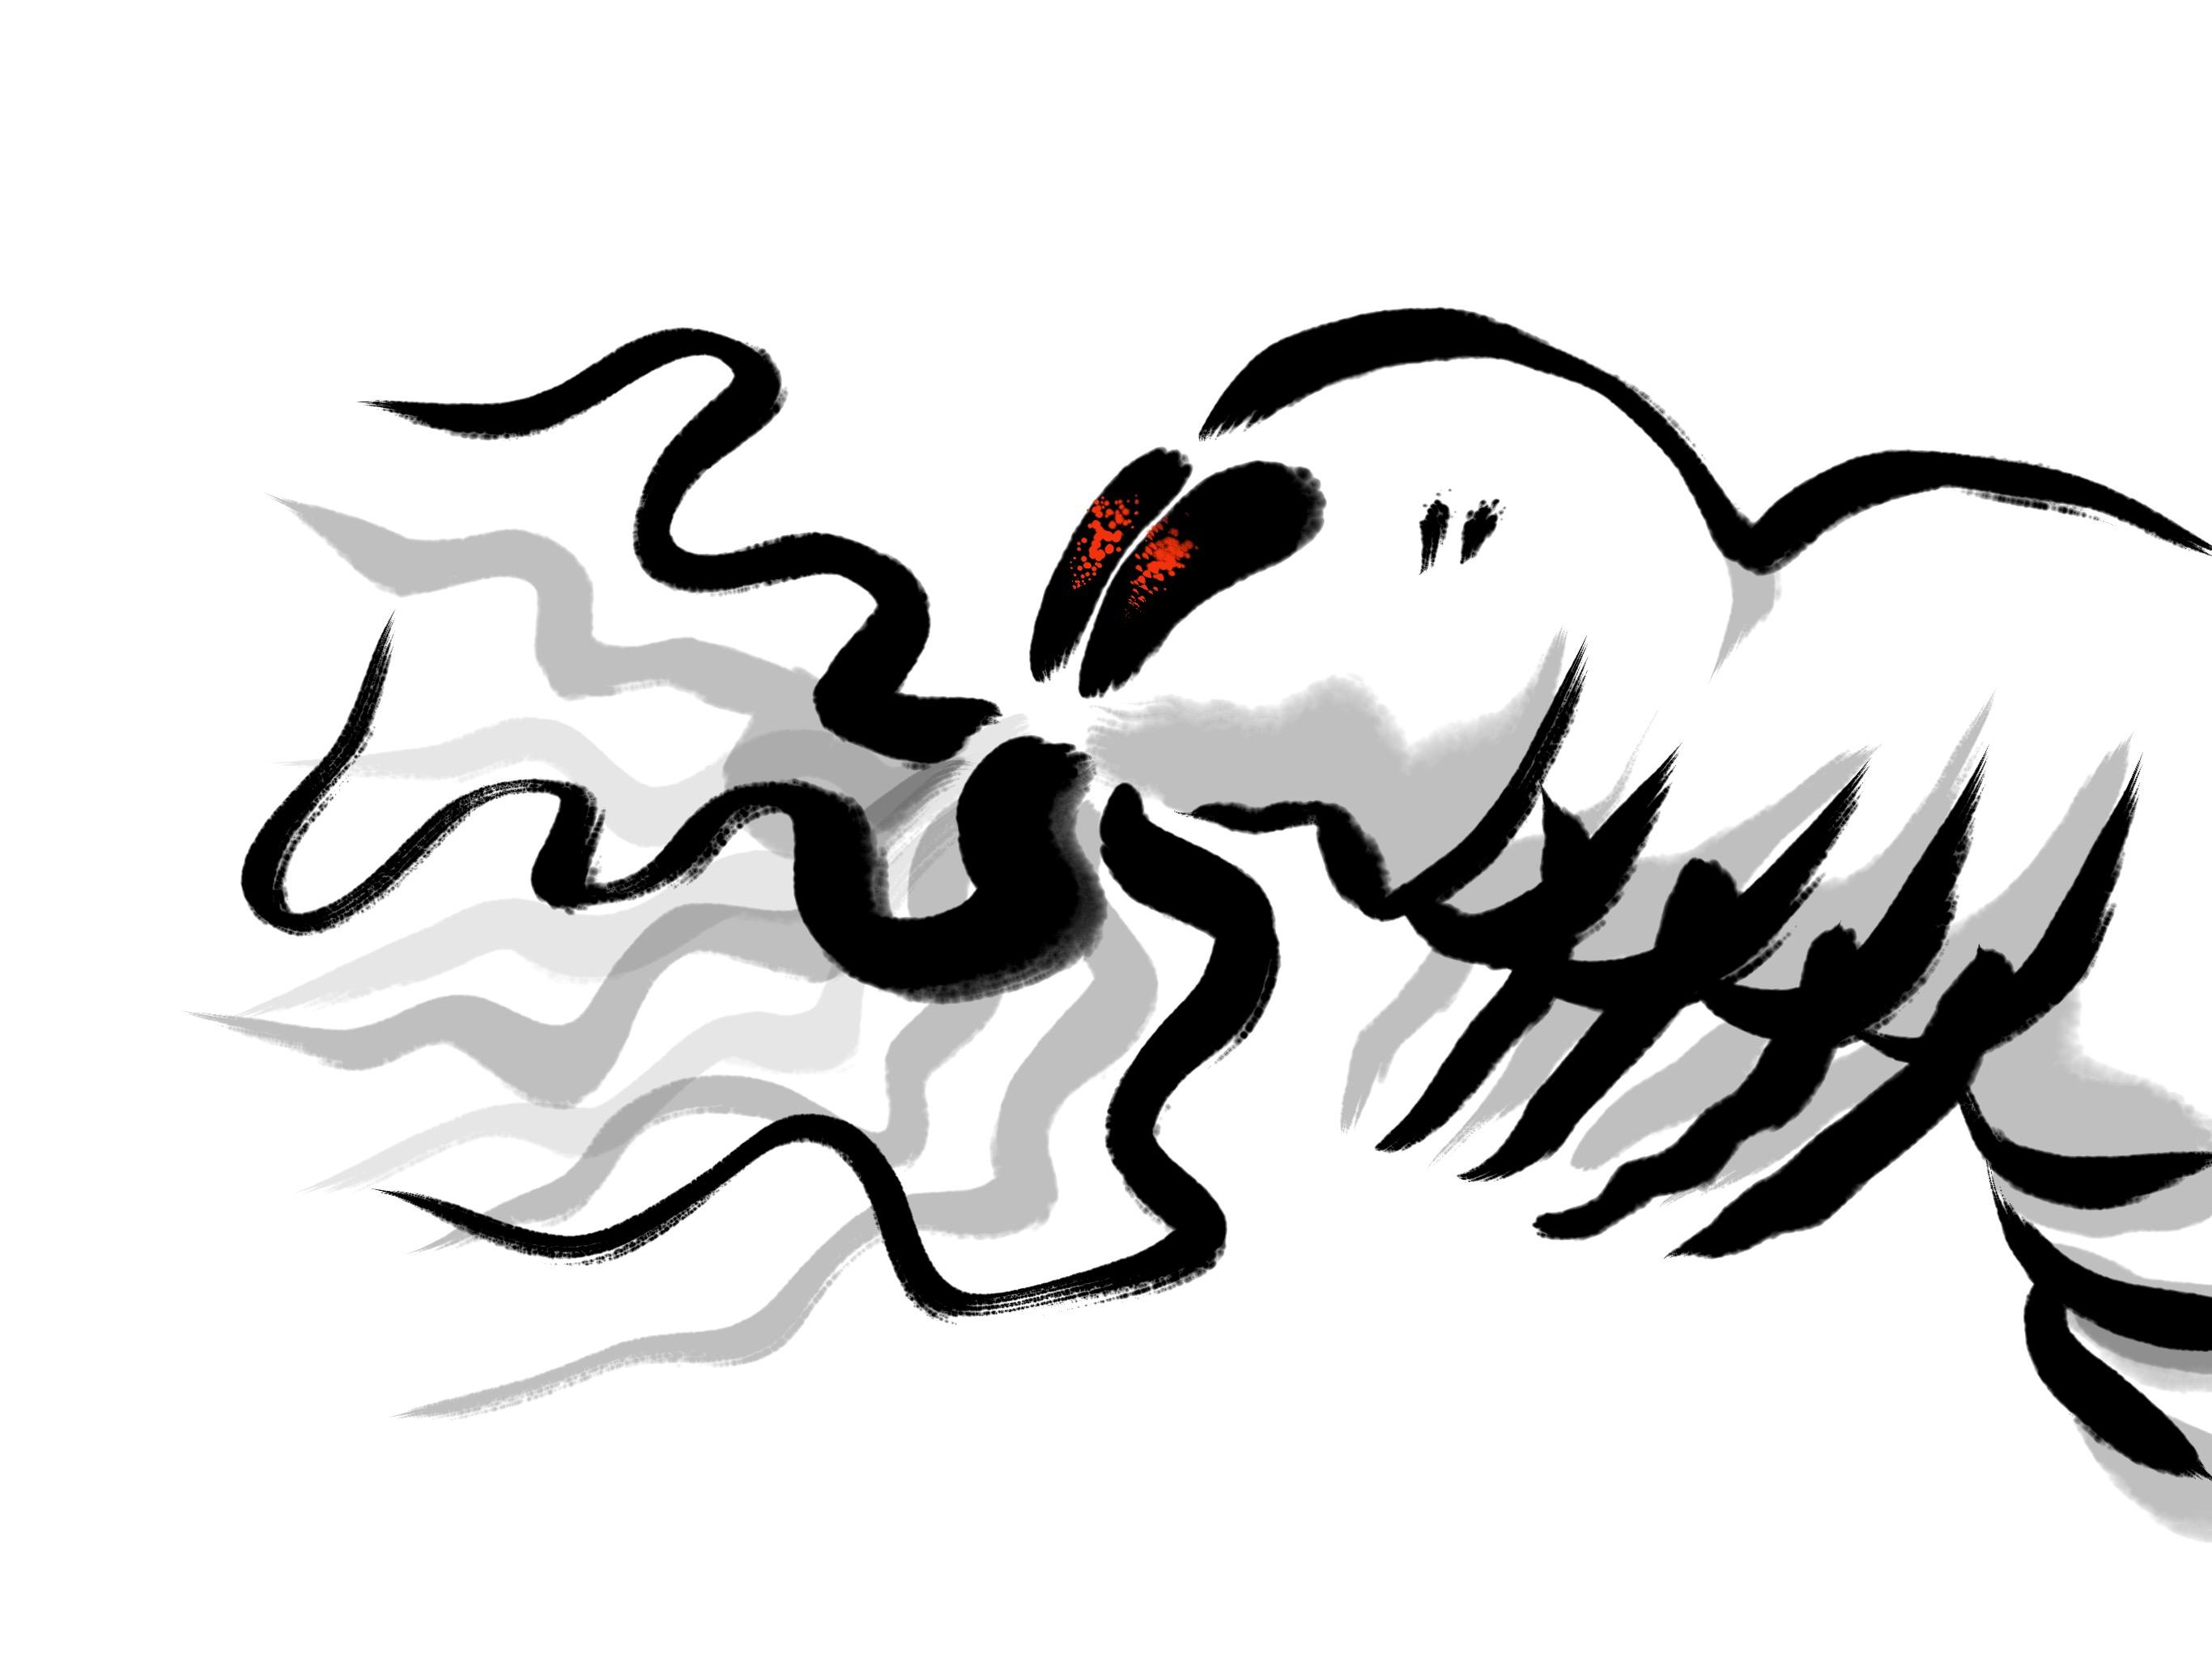 Creeper (Picture)